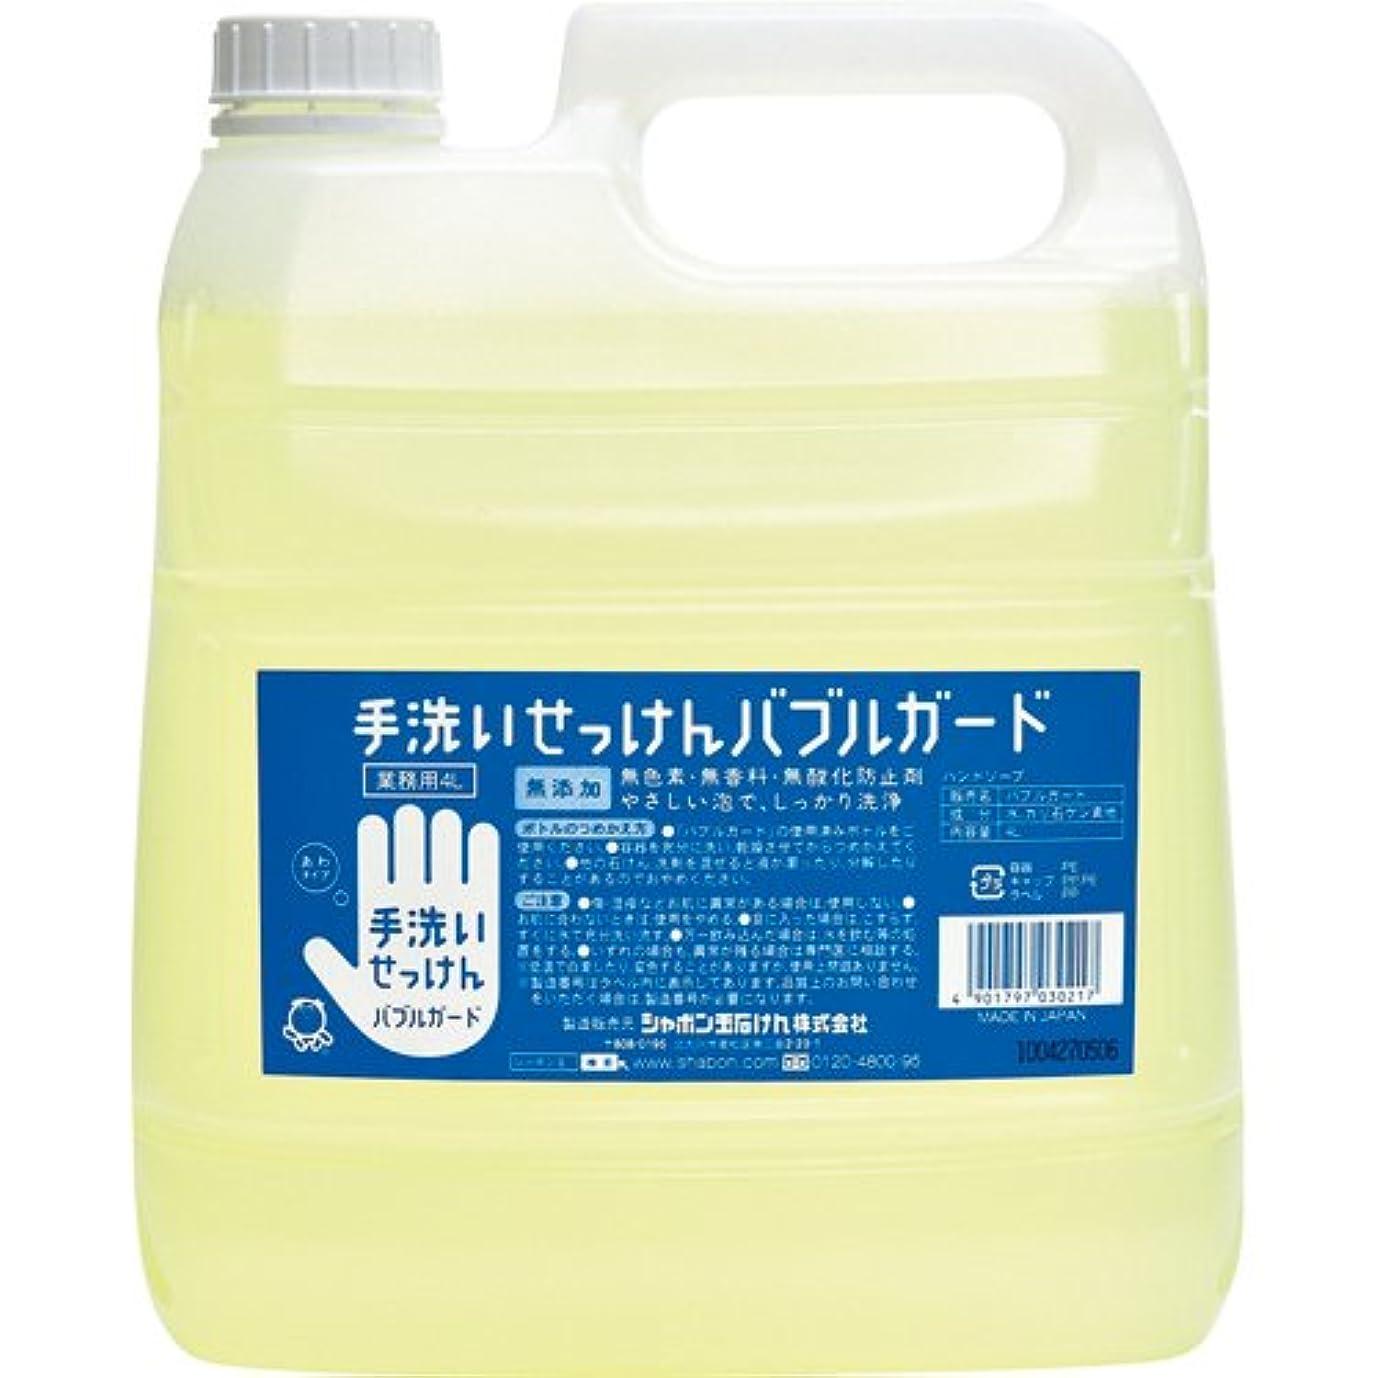 彼鼻試みる[シャボン玉石けん 1692542] (ケア商品)手洗いせっけん バブルガード 泡タイプ 業務用 4L